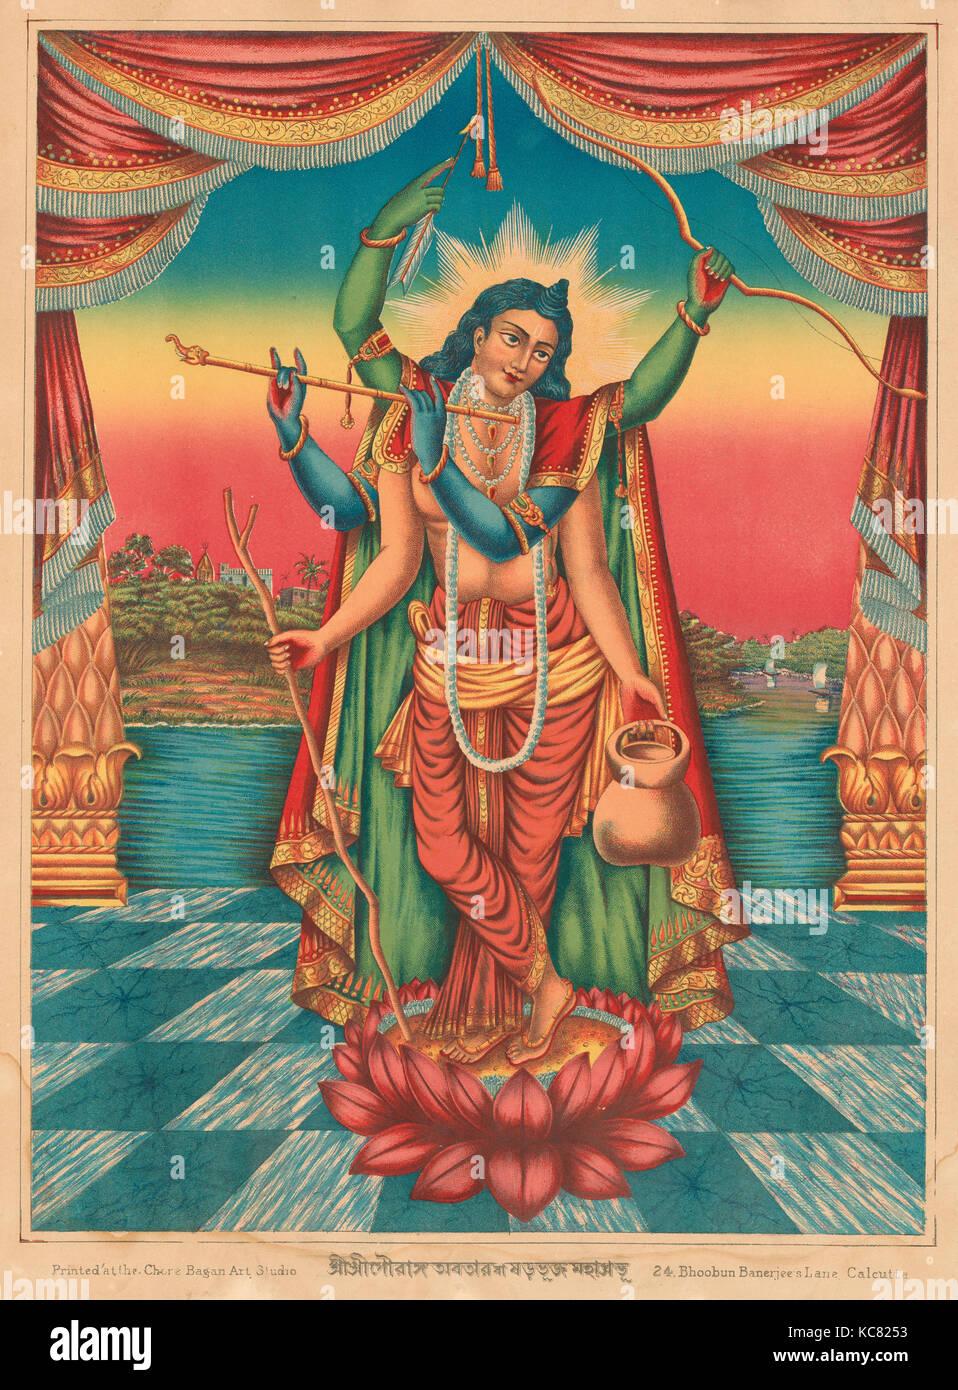 Shri Shri Guranga Avatara, 1895, India, Chromolithographic print on paper, Image: 14 5/8 × 10 7/8 in. (37.1 - Stock Image